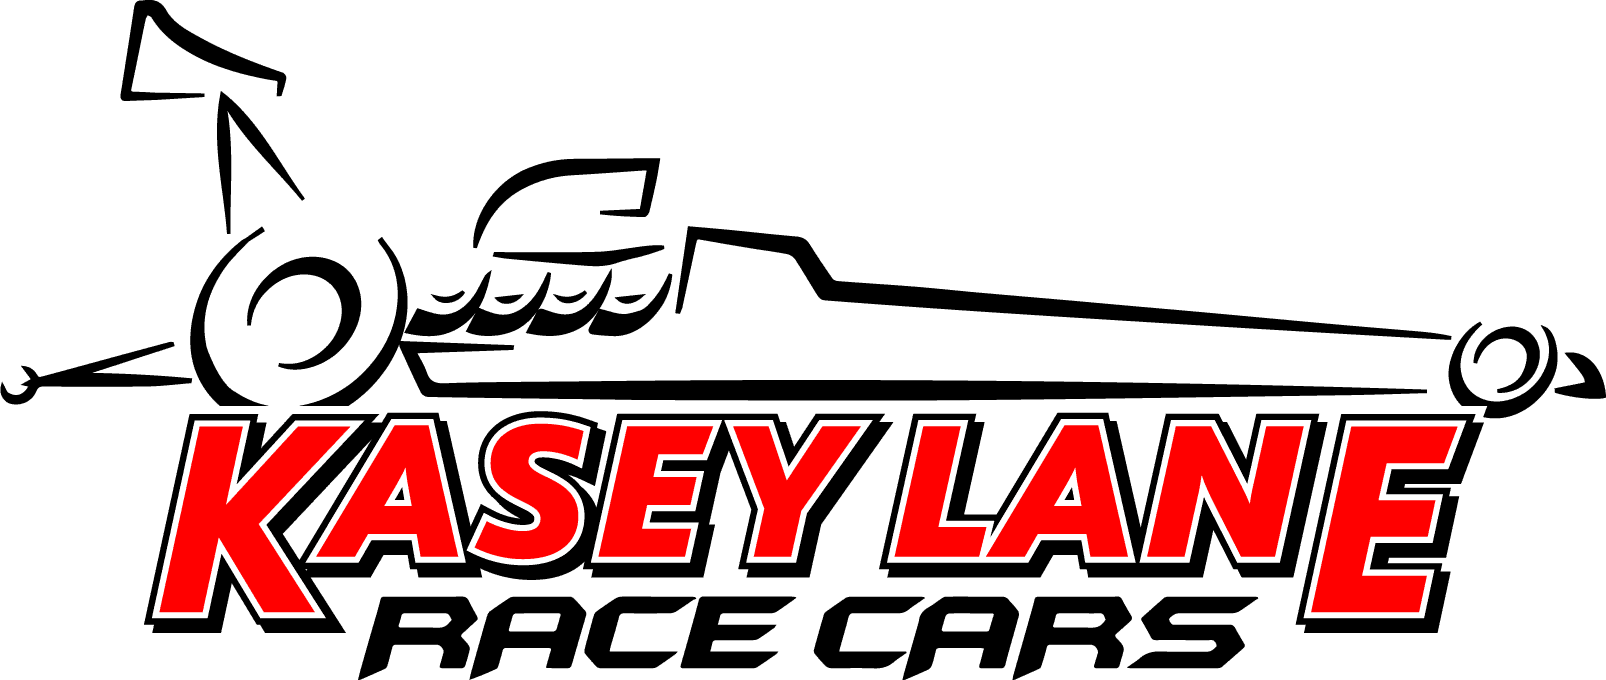 Kasey Lane Race Cars Automotive Shop Gainesville Tx